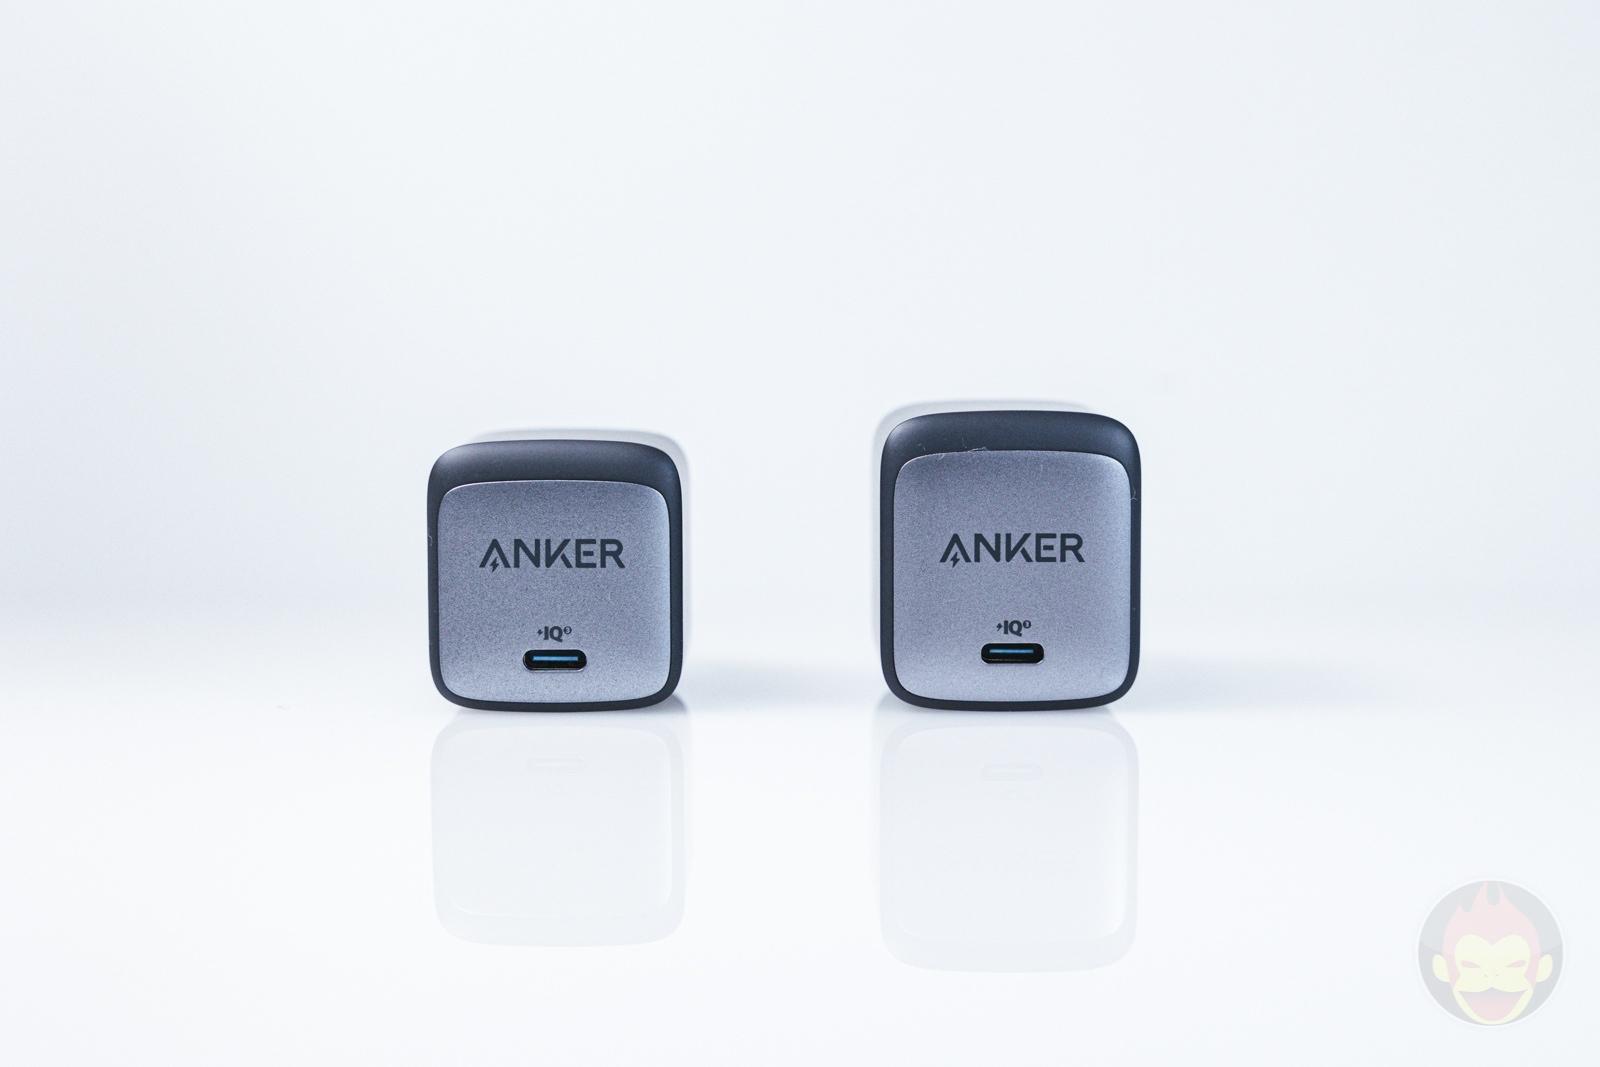 Anker-Nano-II-45W-and-65W-review-04.jpg